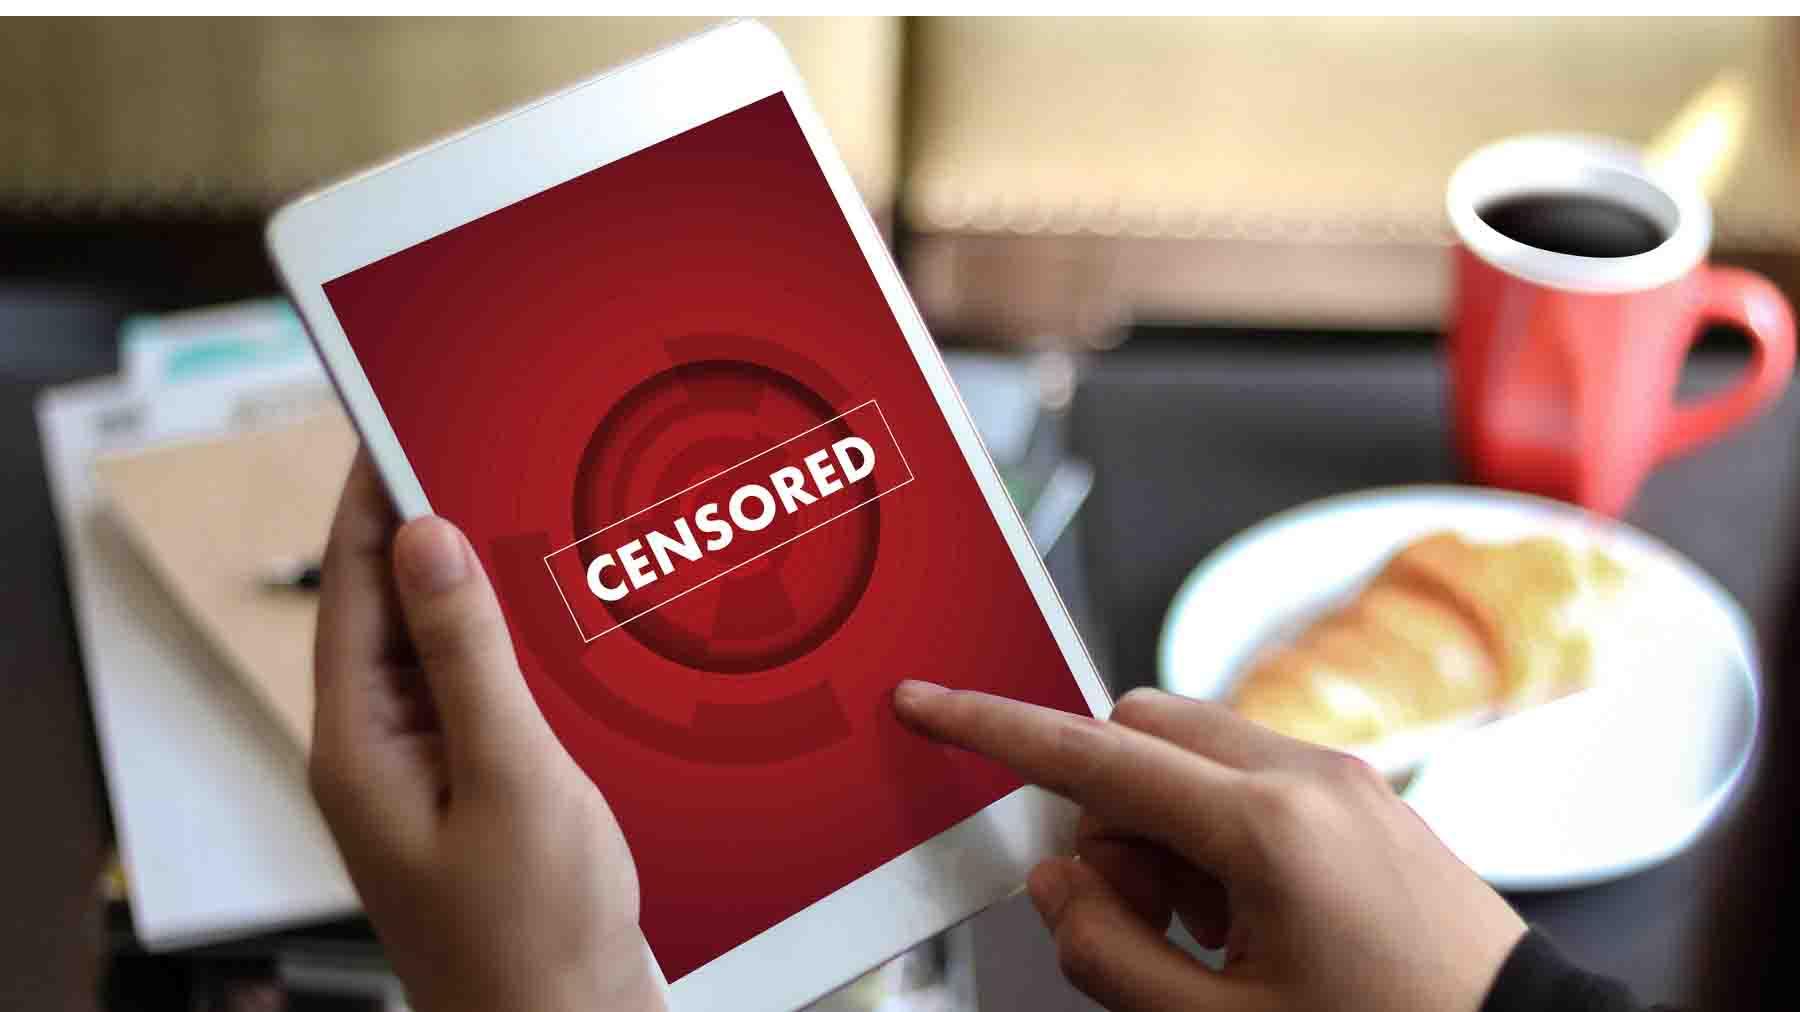 De acuerdo al gremio internacional, el gobierno venezolano preferiría que internet se use a nivel oficial